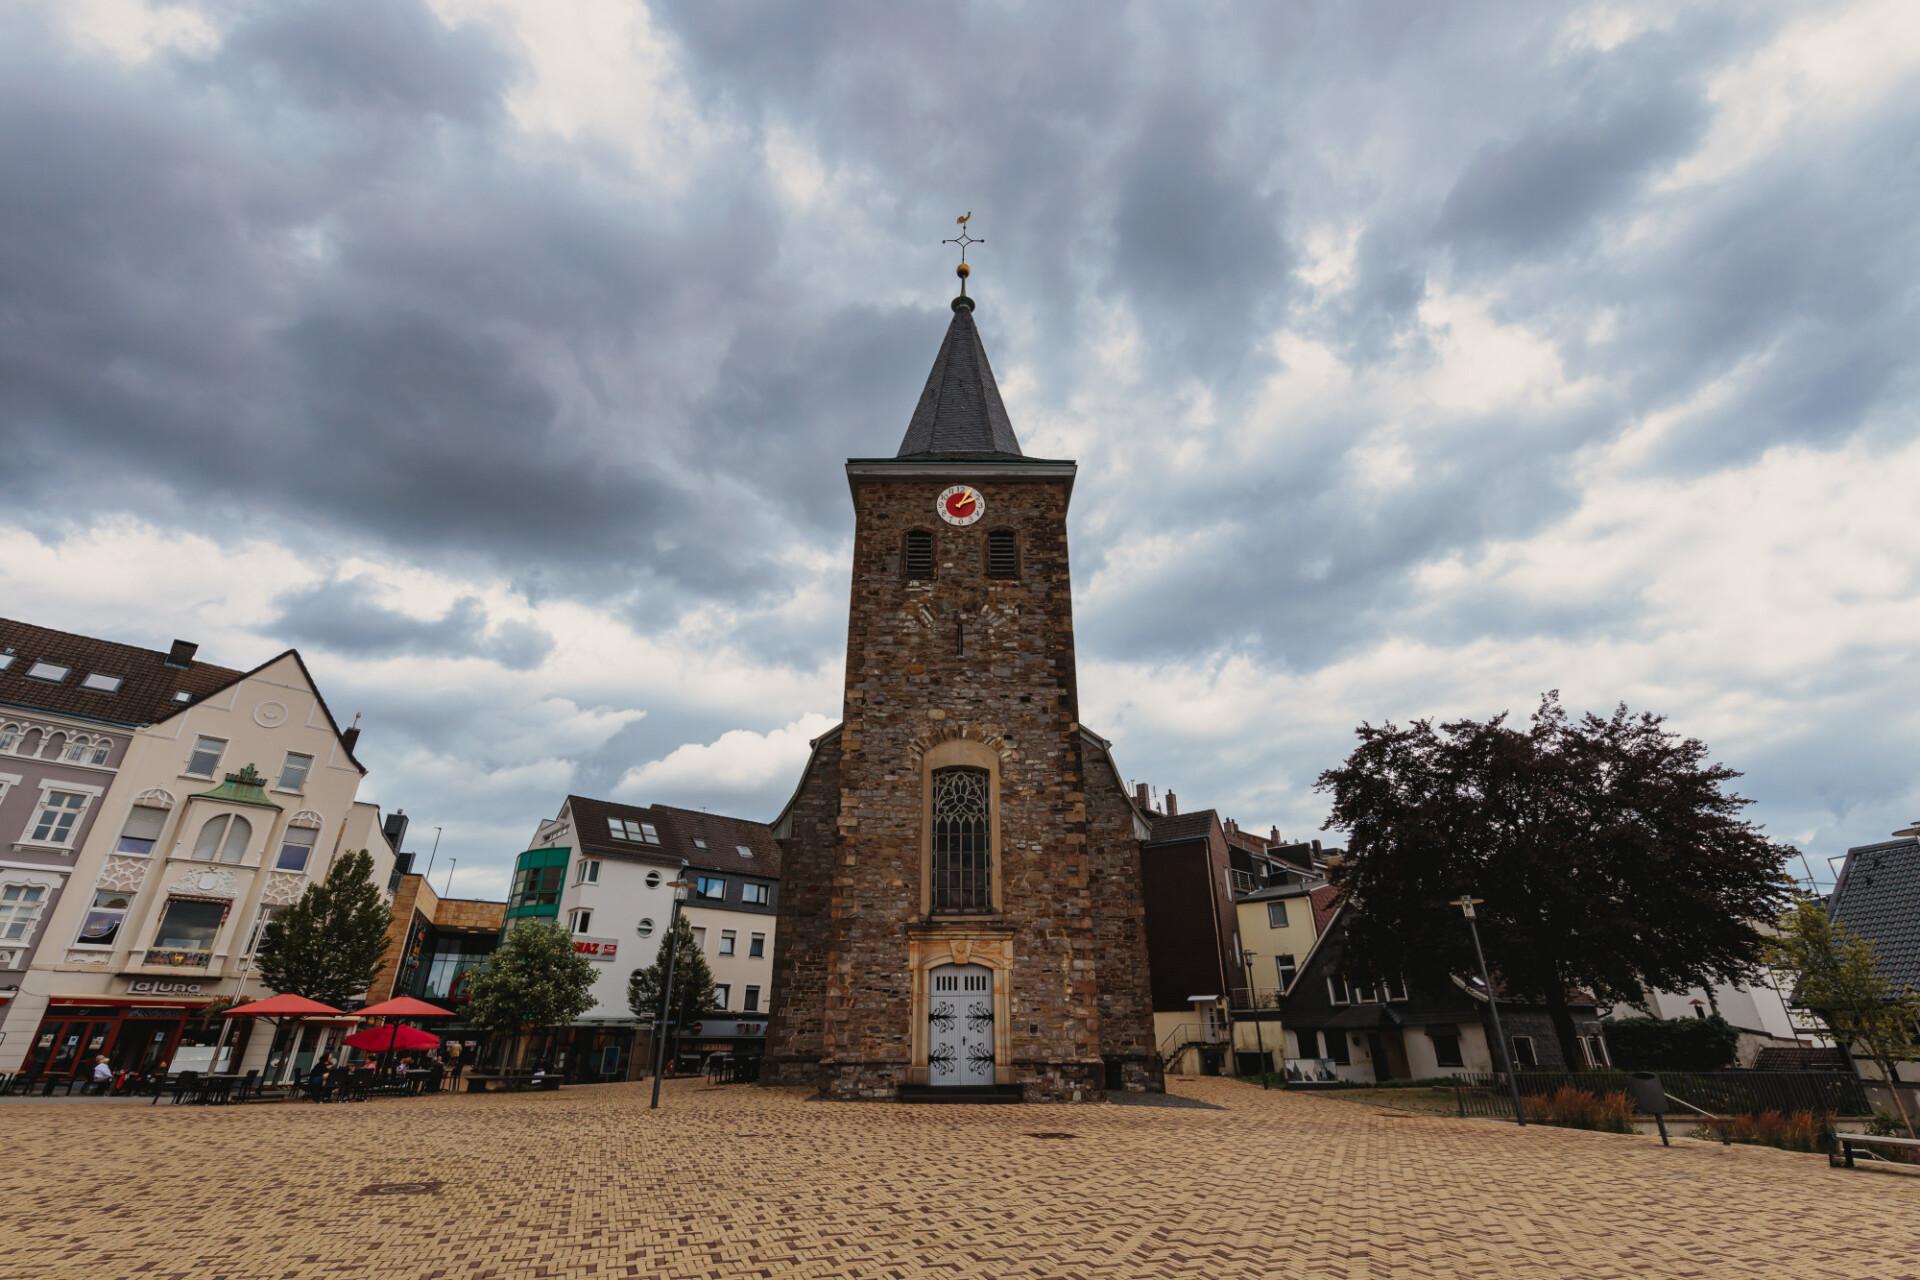 Church Square in Velbert